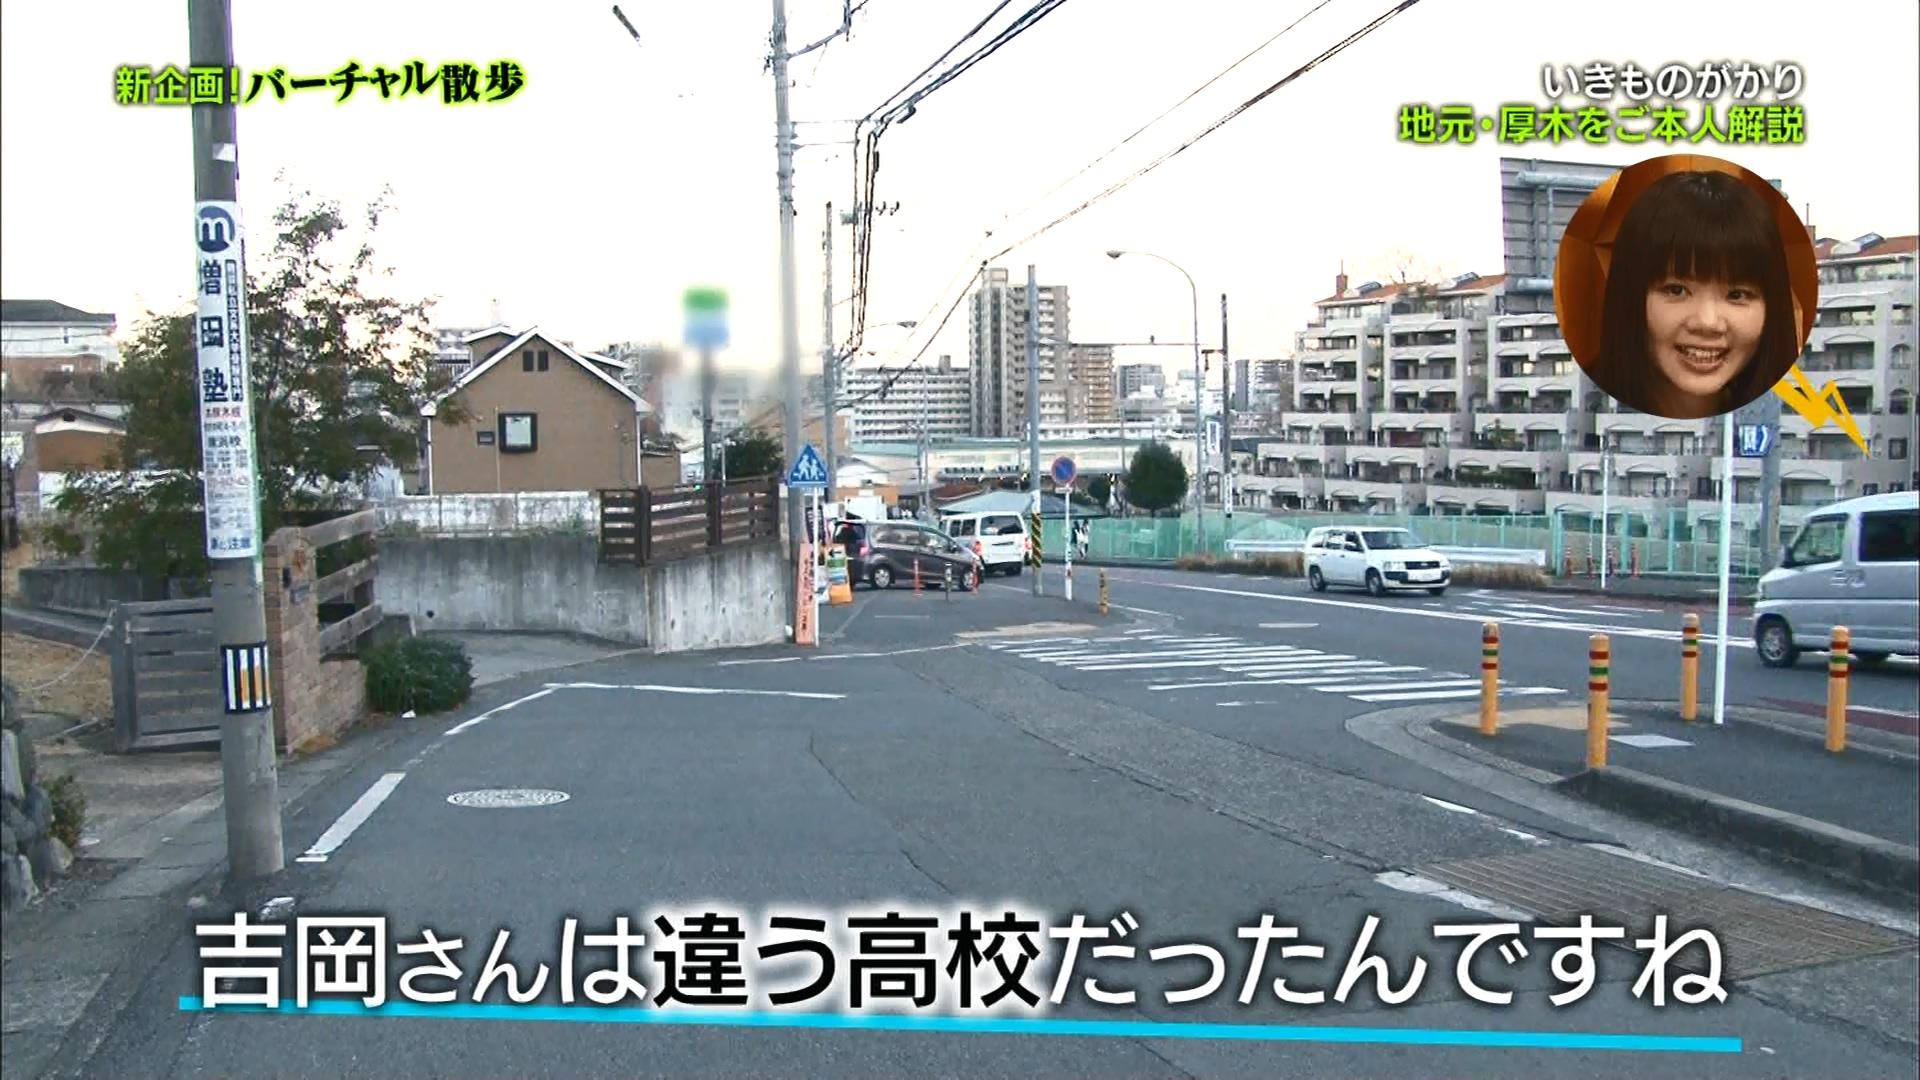 2016.03.11 全場(バズリズム).ts_20160312_014201.225